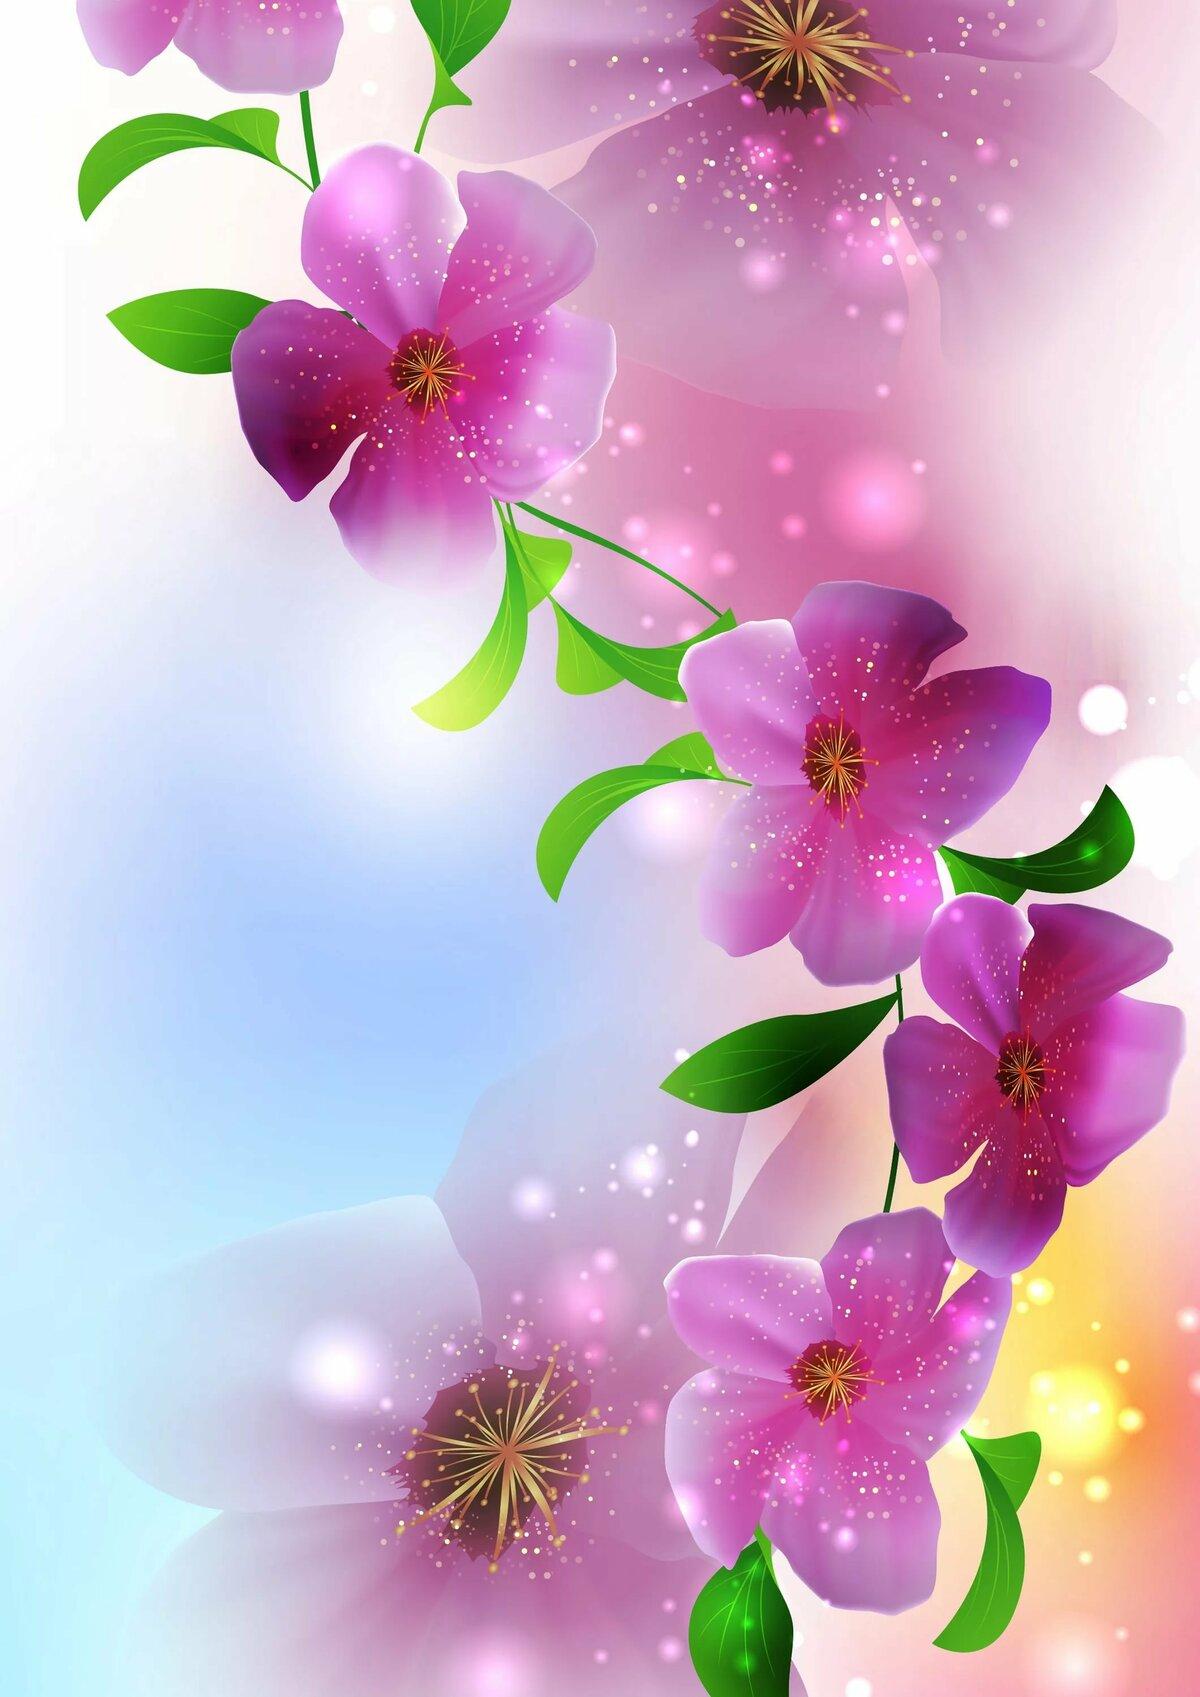 Картинки вертикальные цветы красивые на телефон